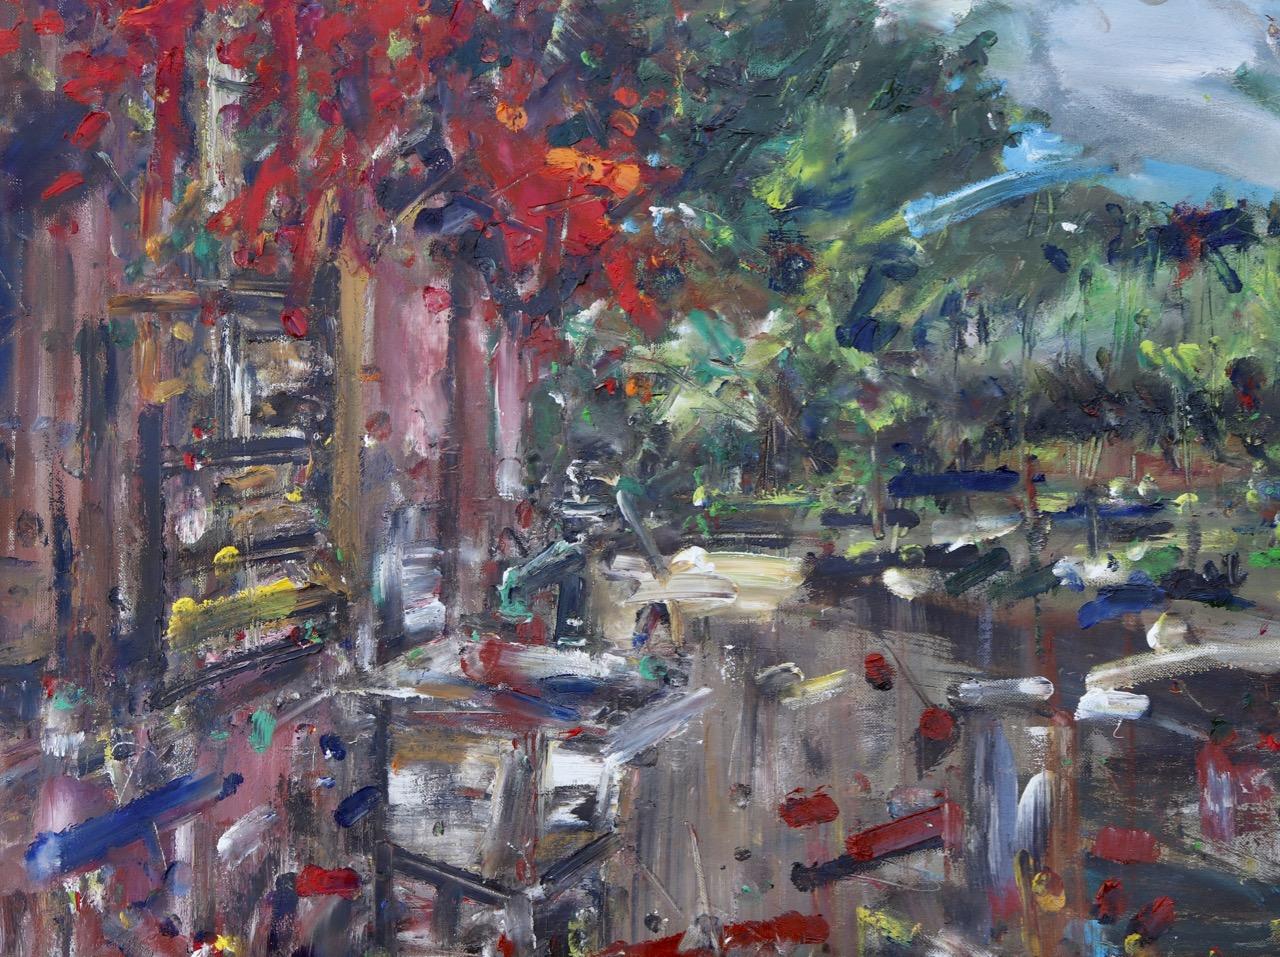 Autumn 8. Oil on canvas